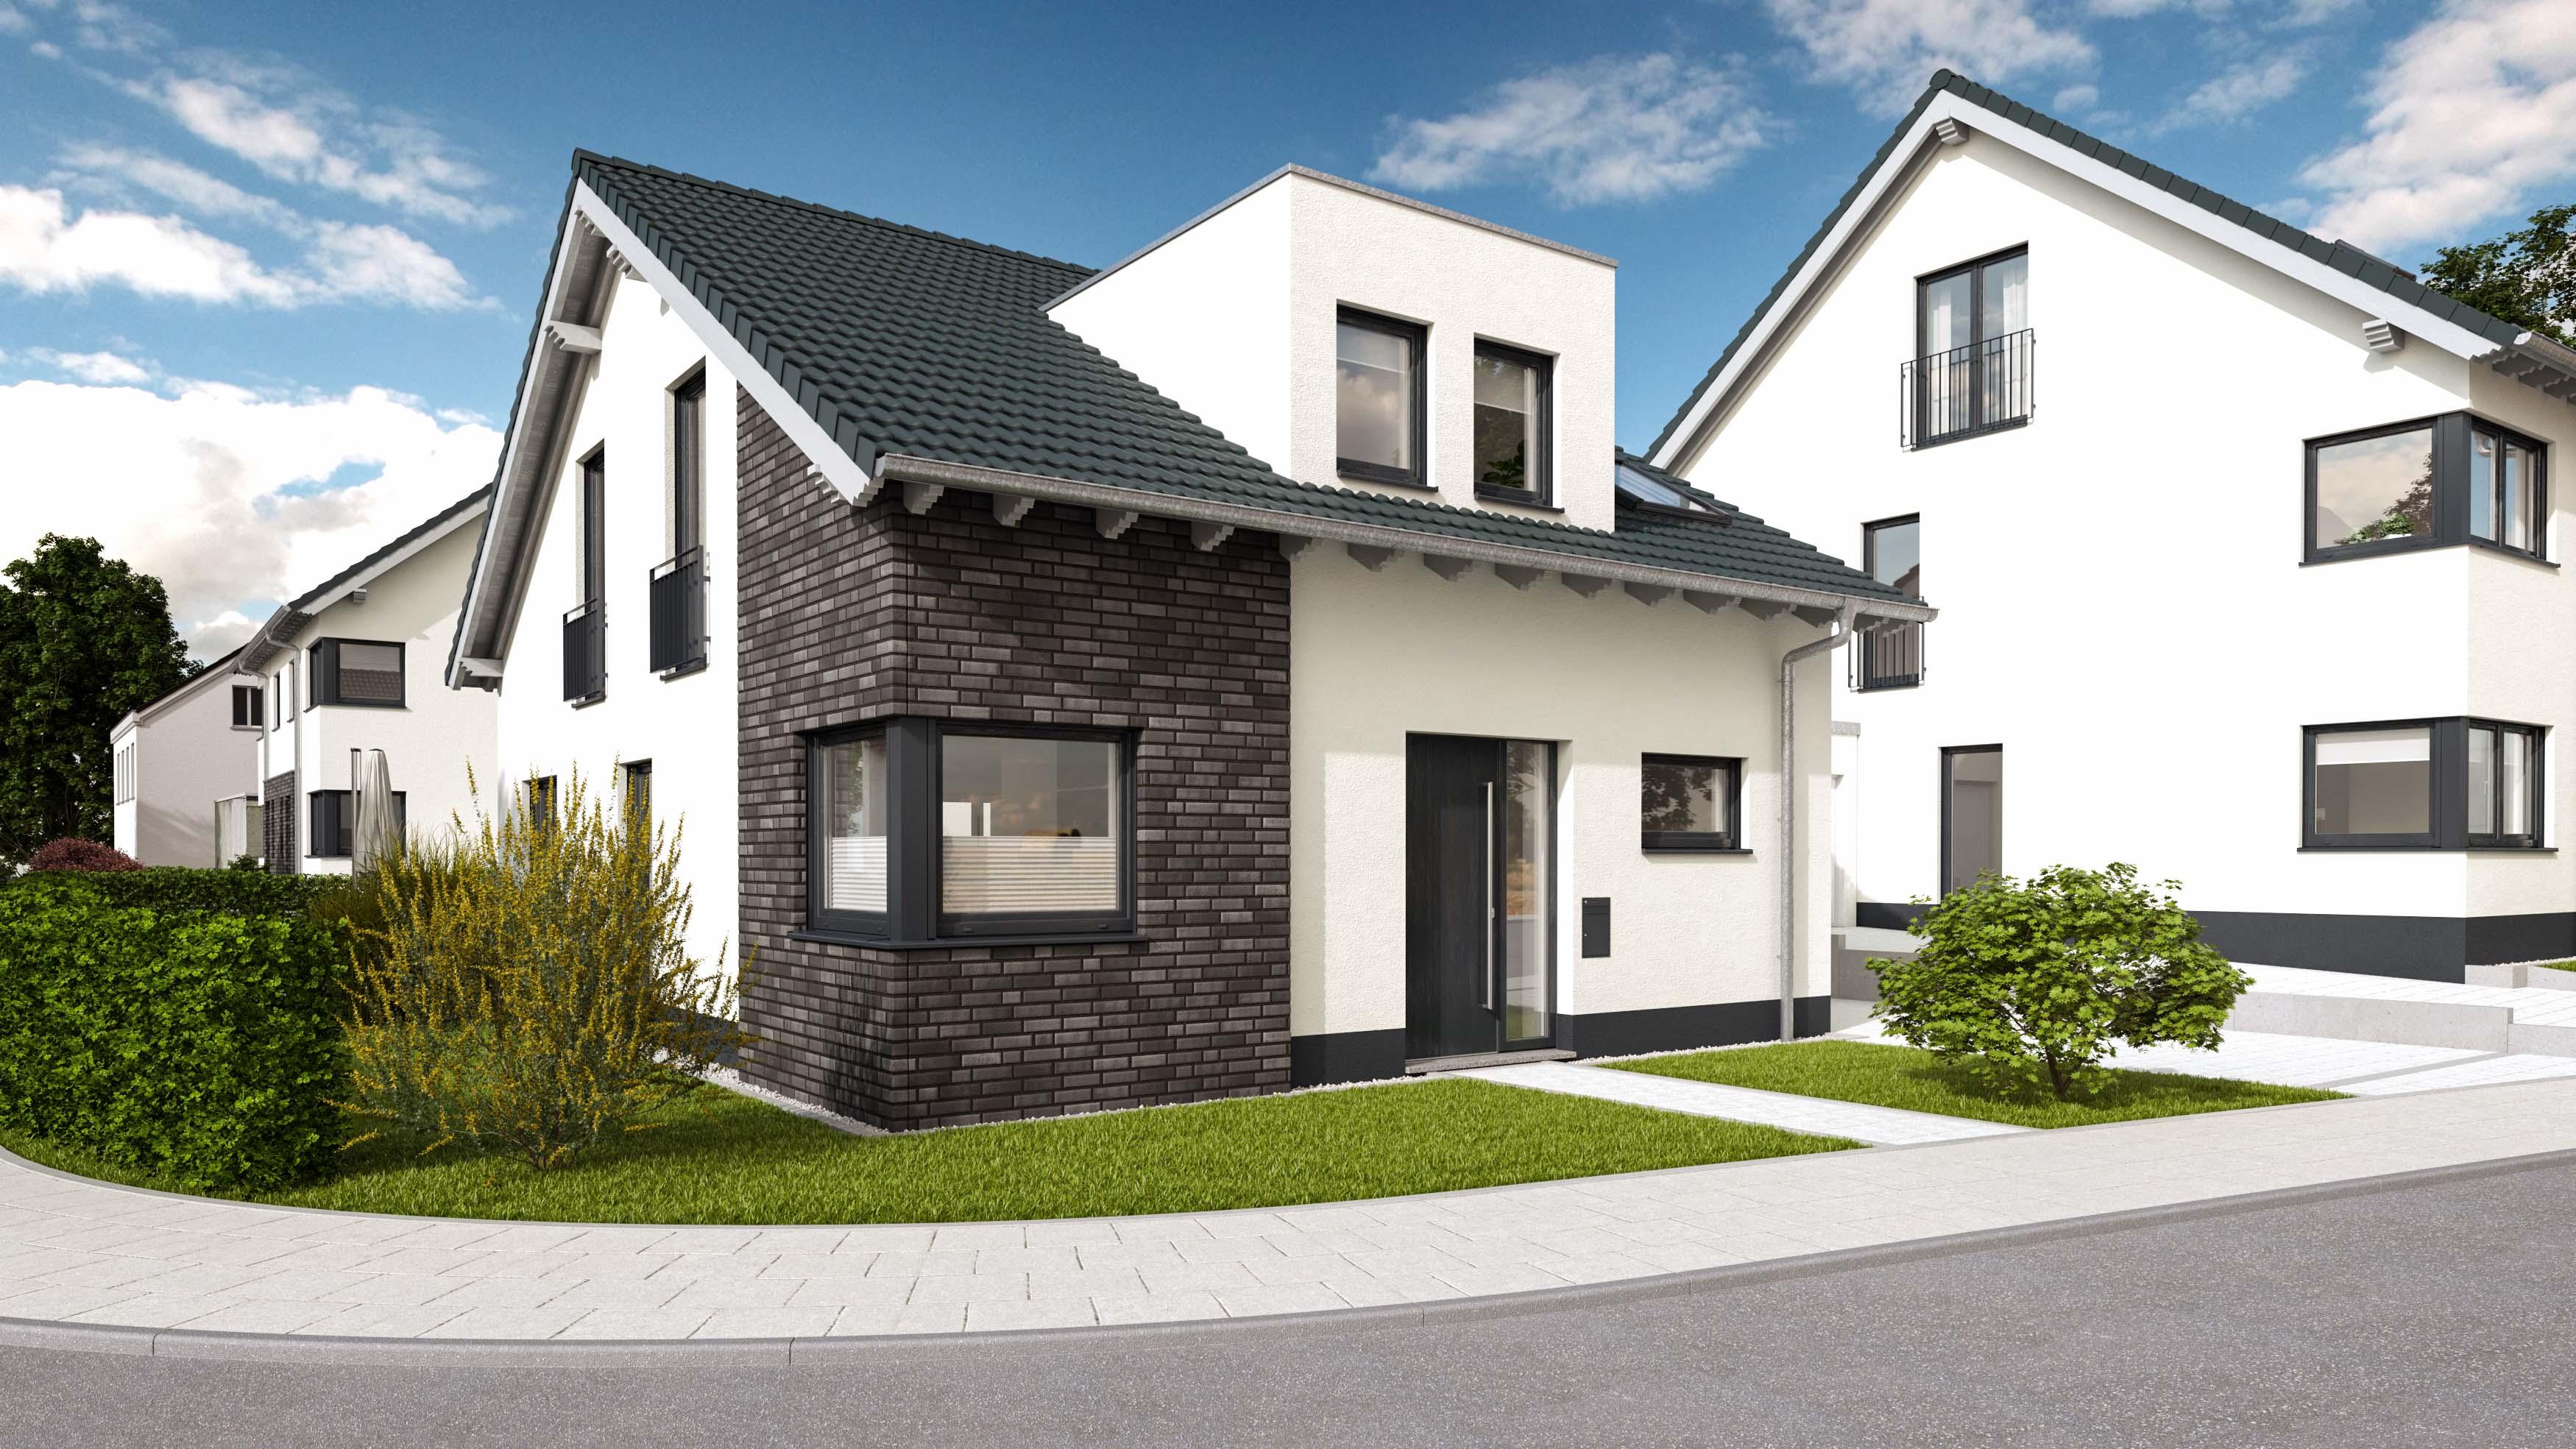 Architekturvisualisierung-Einfamilienhaus-vorne